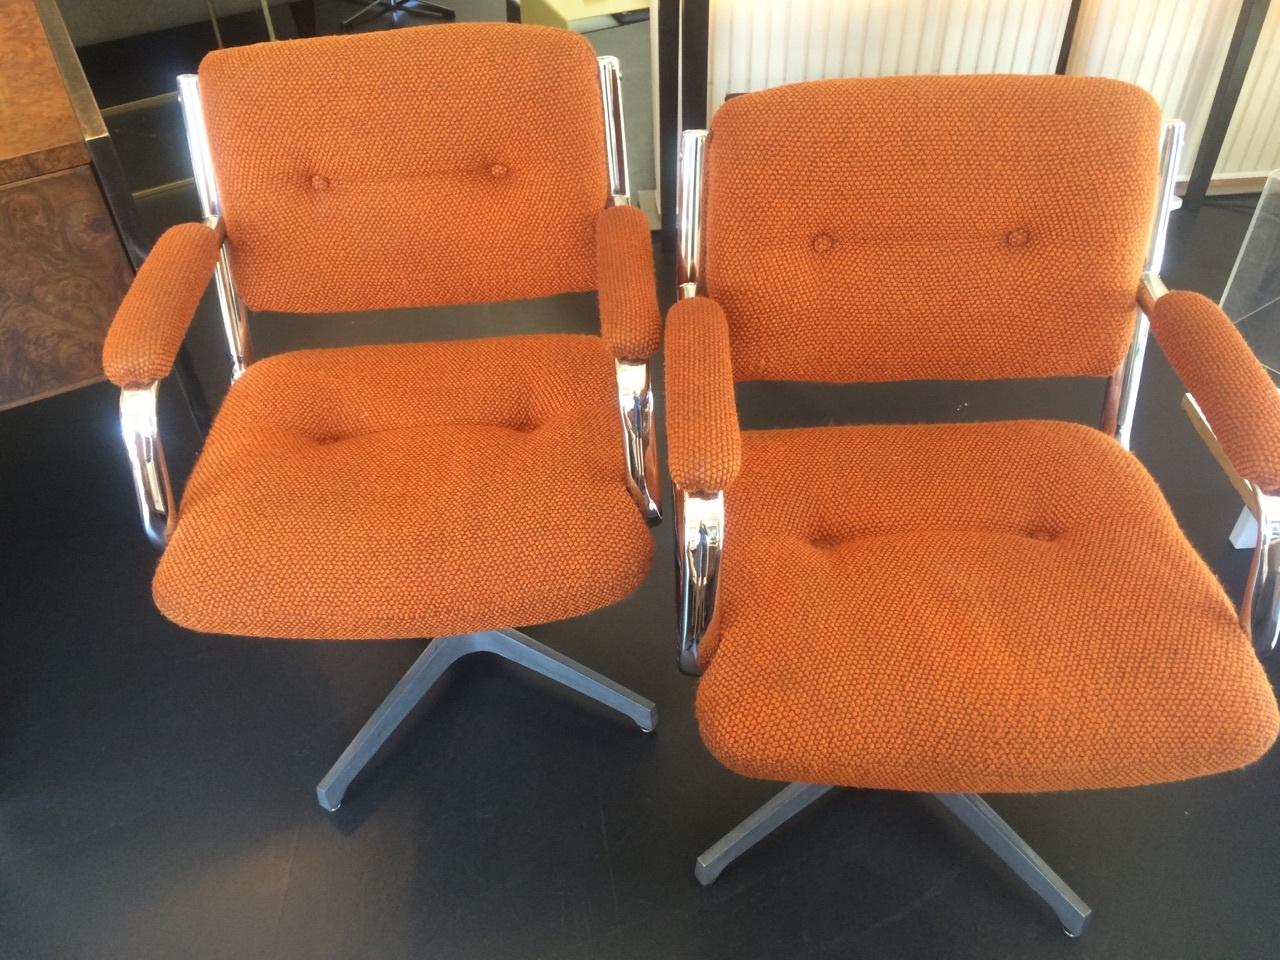 Pair Of Chromcraft Chairs